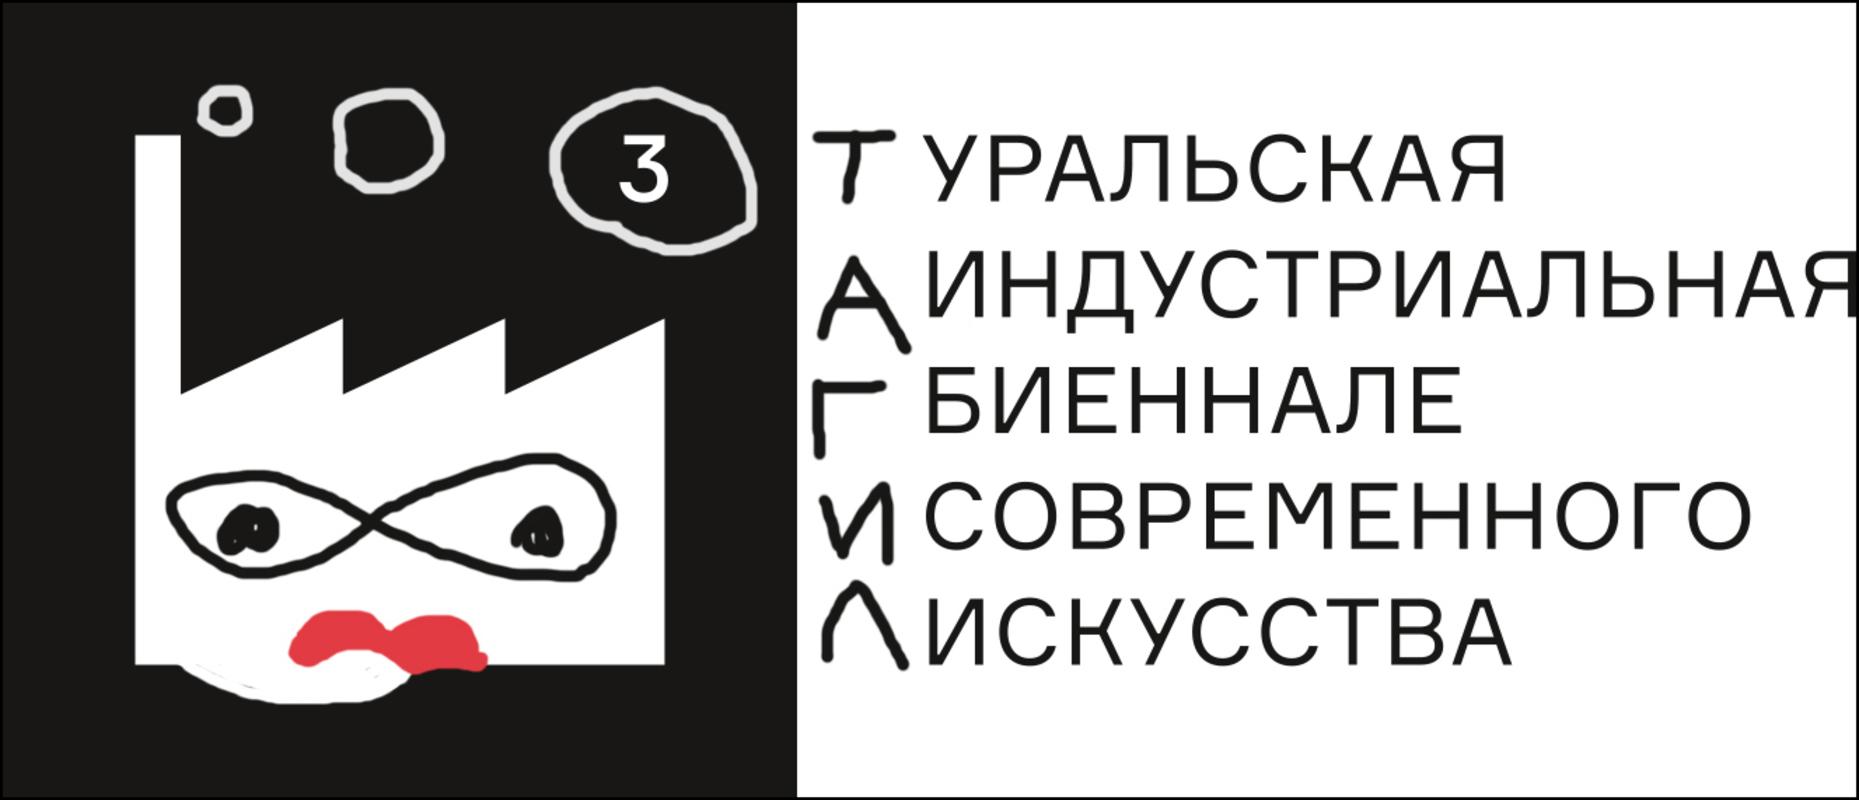 Логотип к 3-й Уральской индустриальной биеннале современного искусства в Нижнем Тагиле